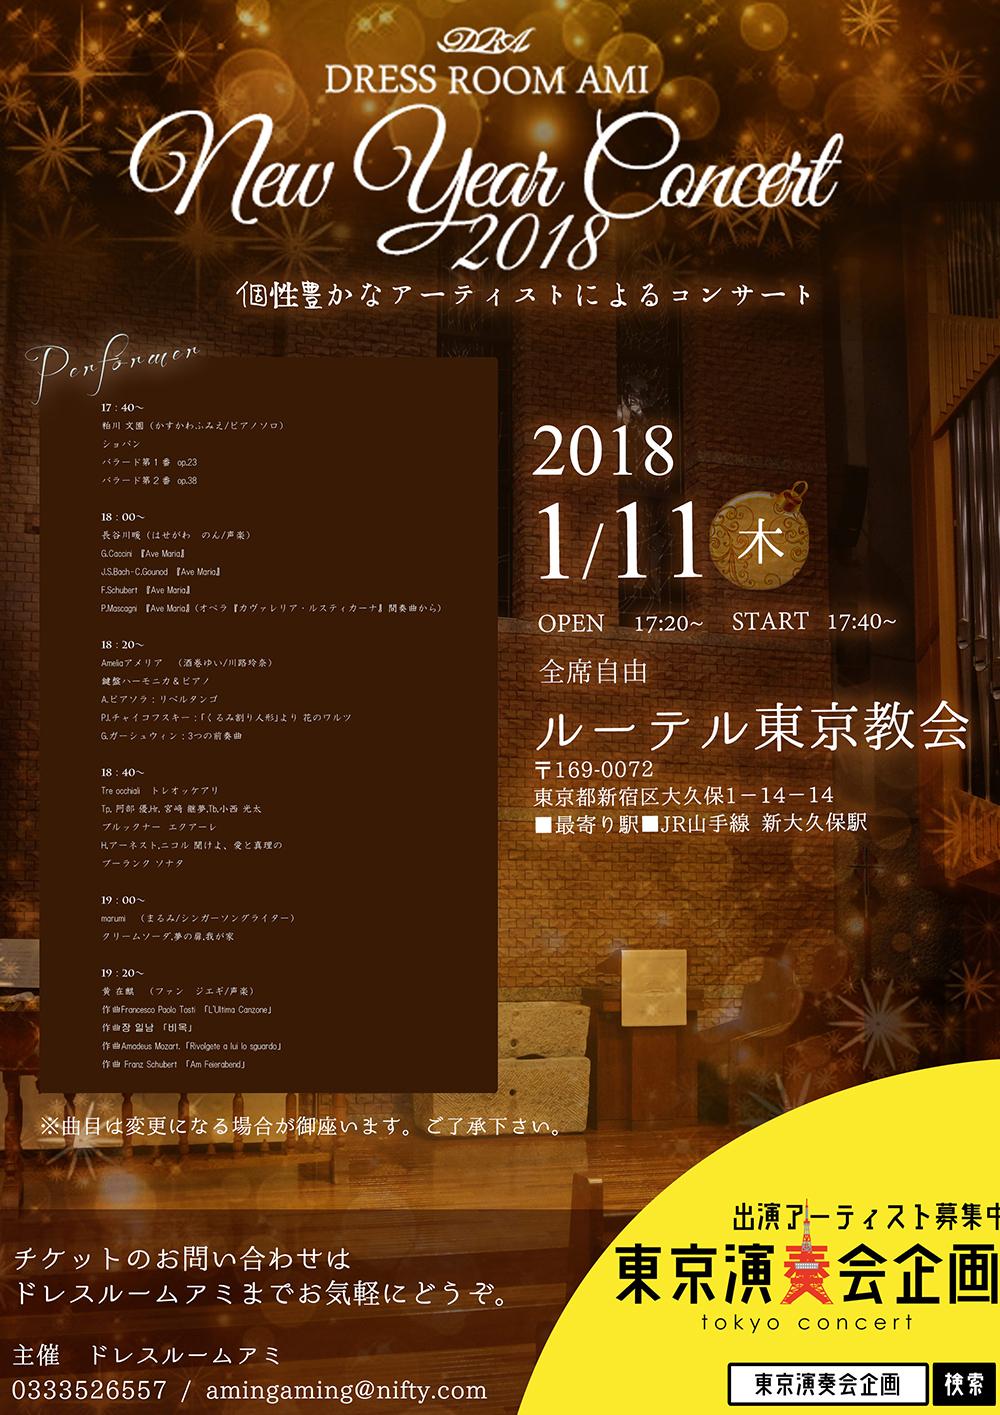 ドレスルームアミニューイヤーコンサート2018